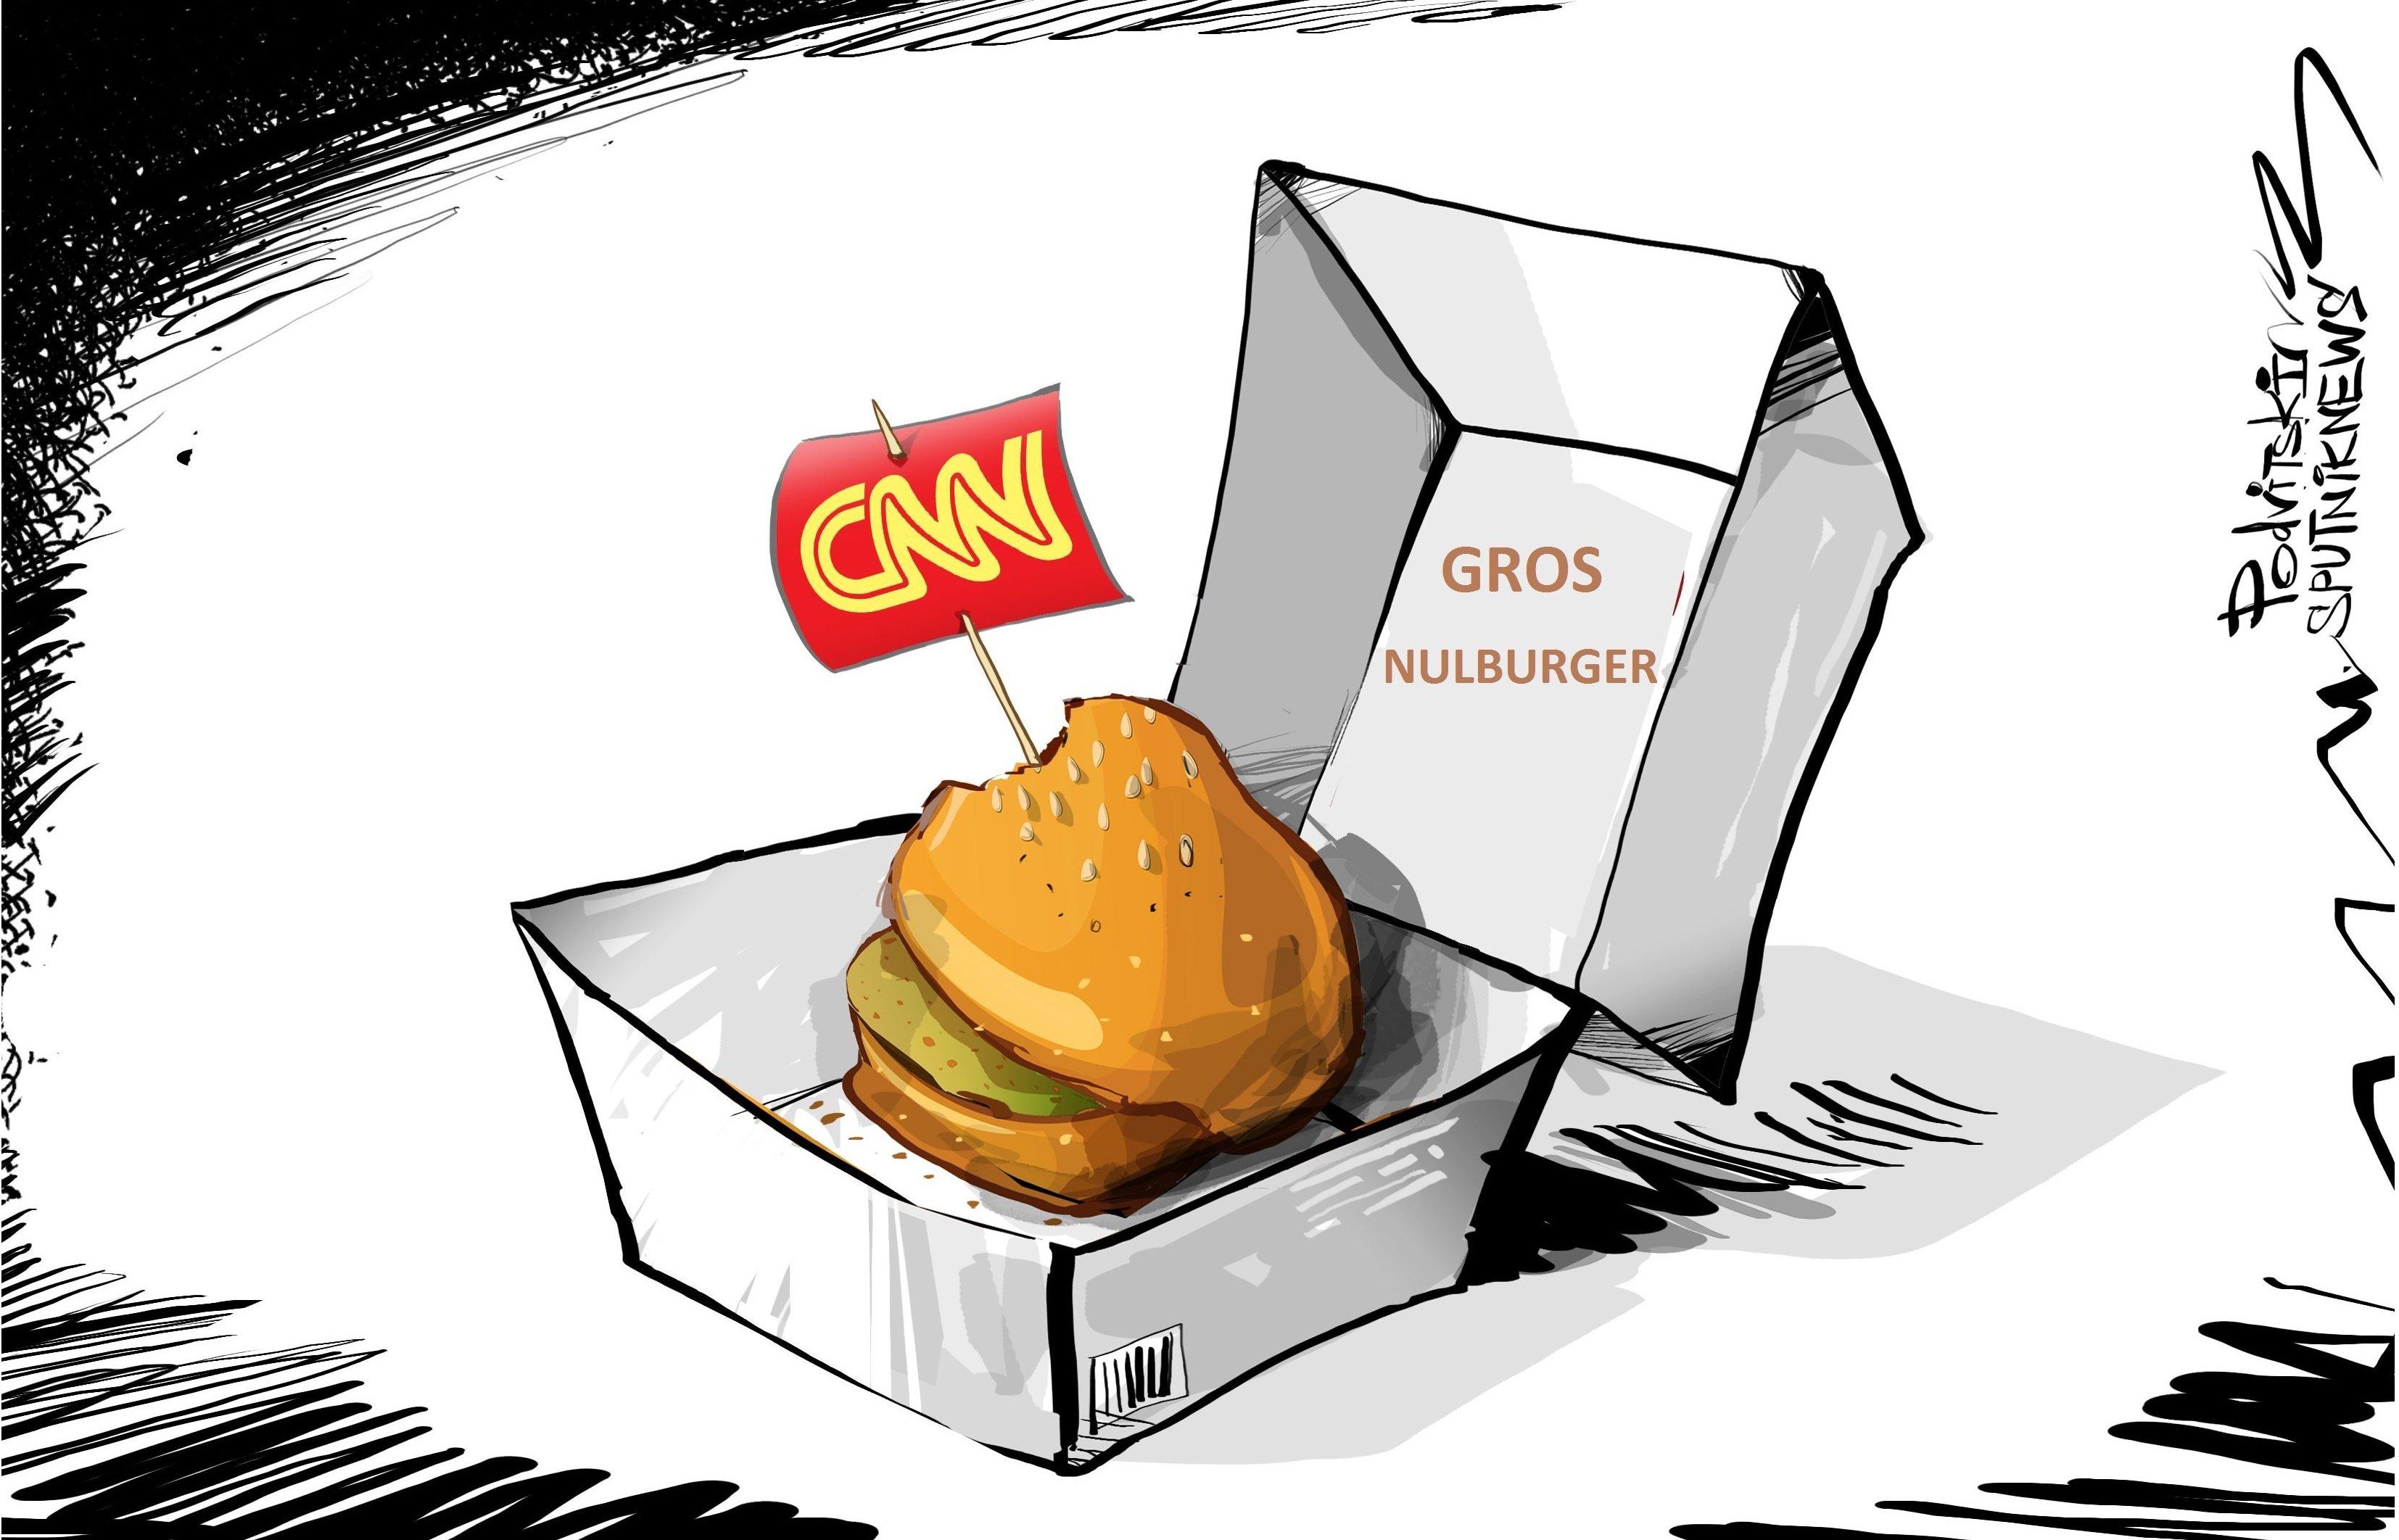 Commentateur de CNN: «L'histoire avec la Russie n'est qu'un gros nulburger»